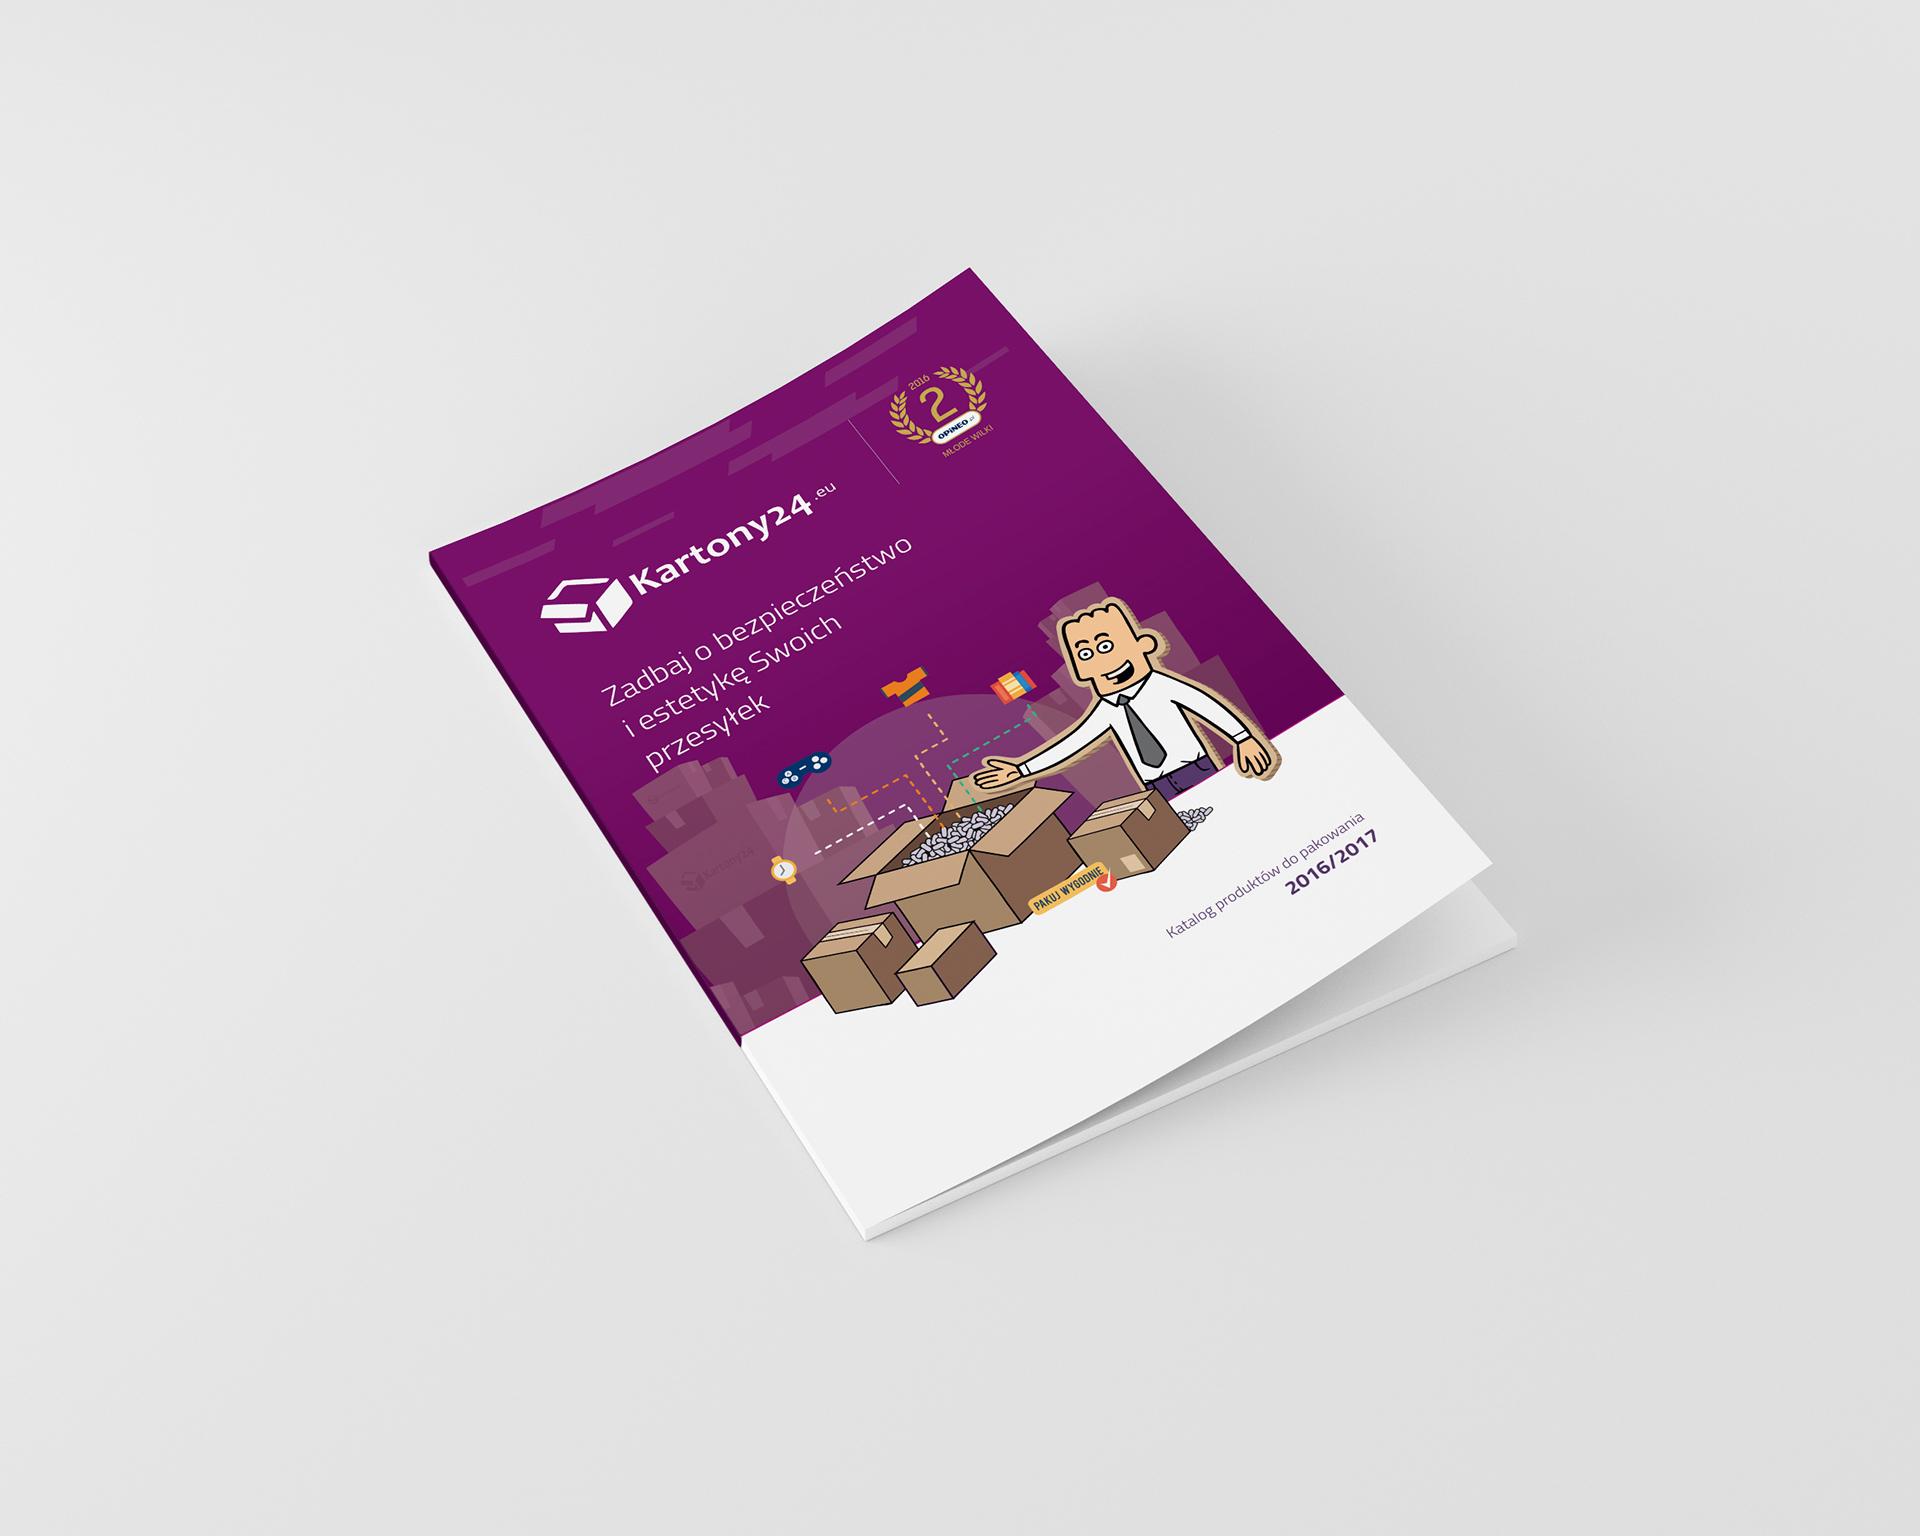 Kartony24 - Realizacja - Agencja ROXART